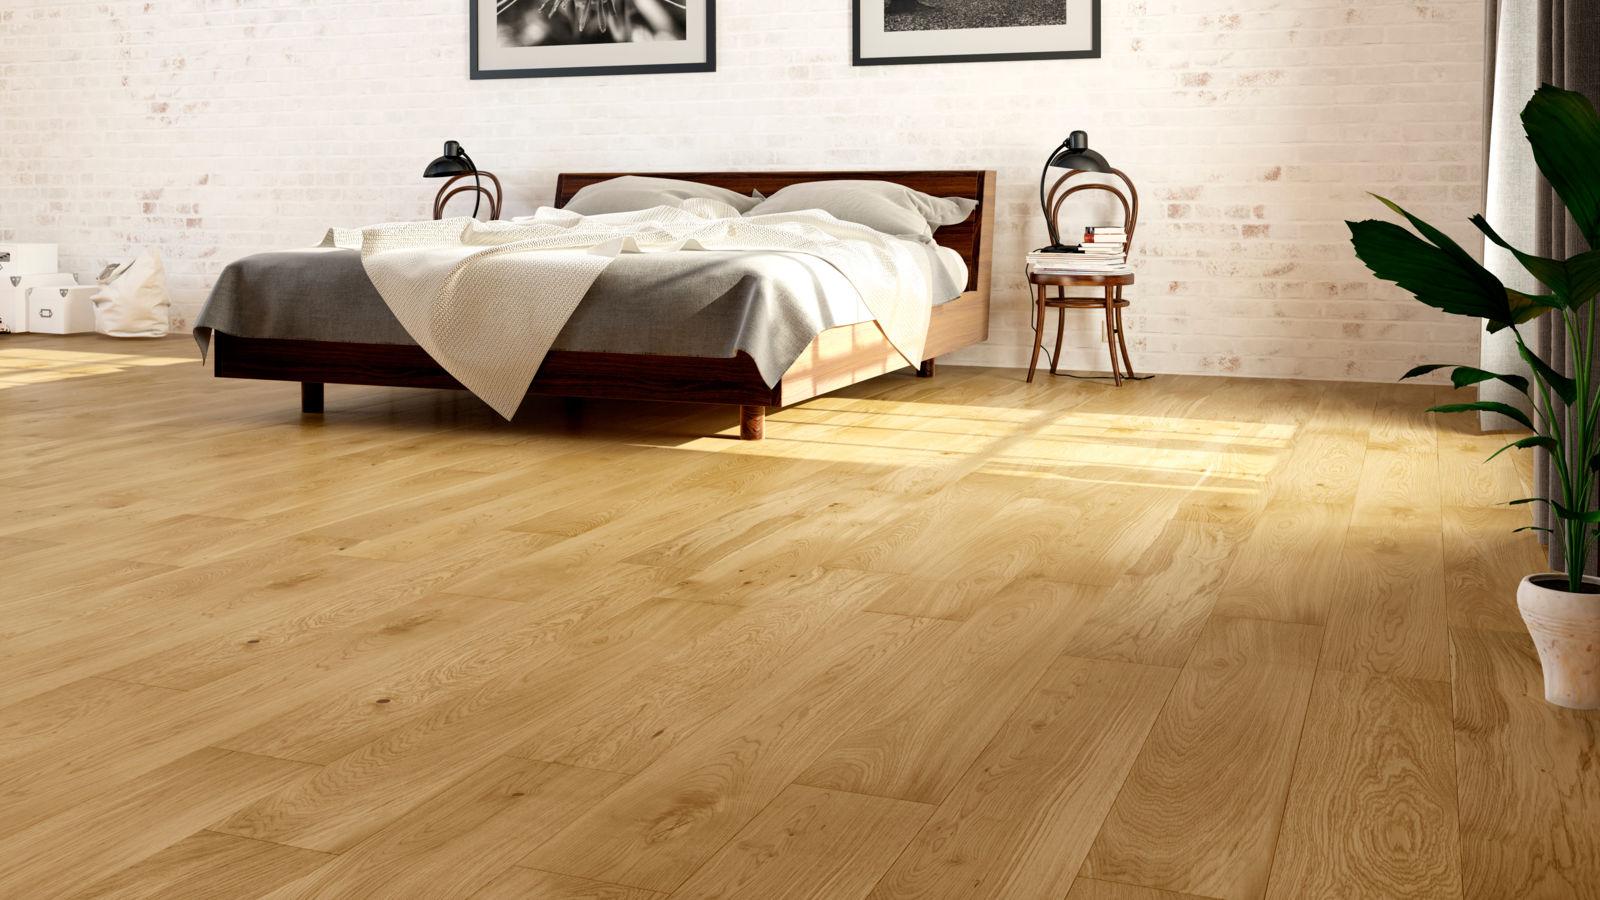 Engineered wood flooring uk sale - Natura Oak Ballymore Engineered Wood Flooring